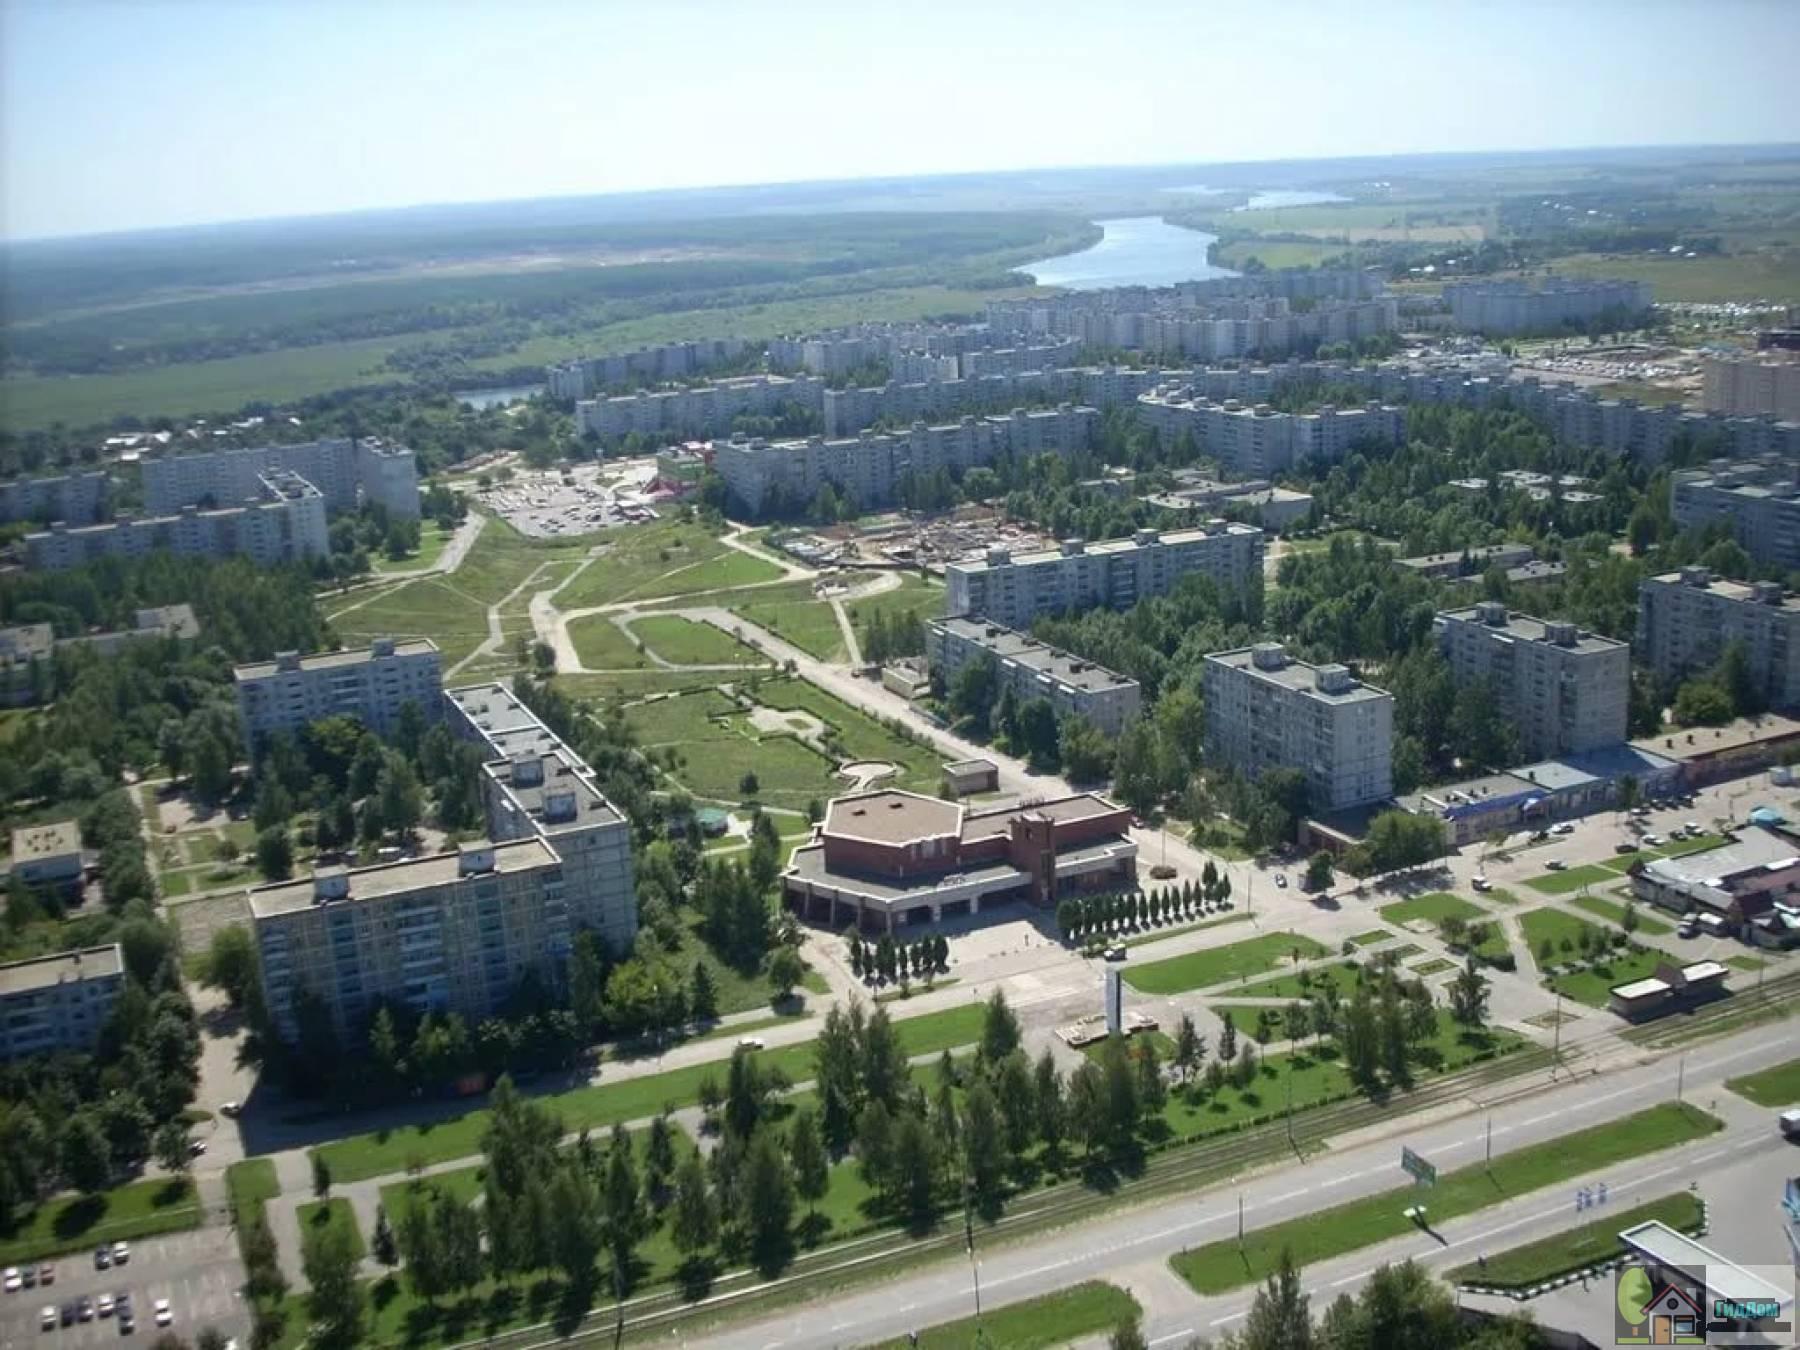 Панорама Колычево в Коломне. Снимок сделан в районе рынка Колычевский строитель. Снимок загружен из открытых источников.